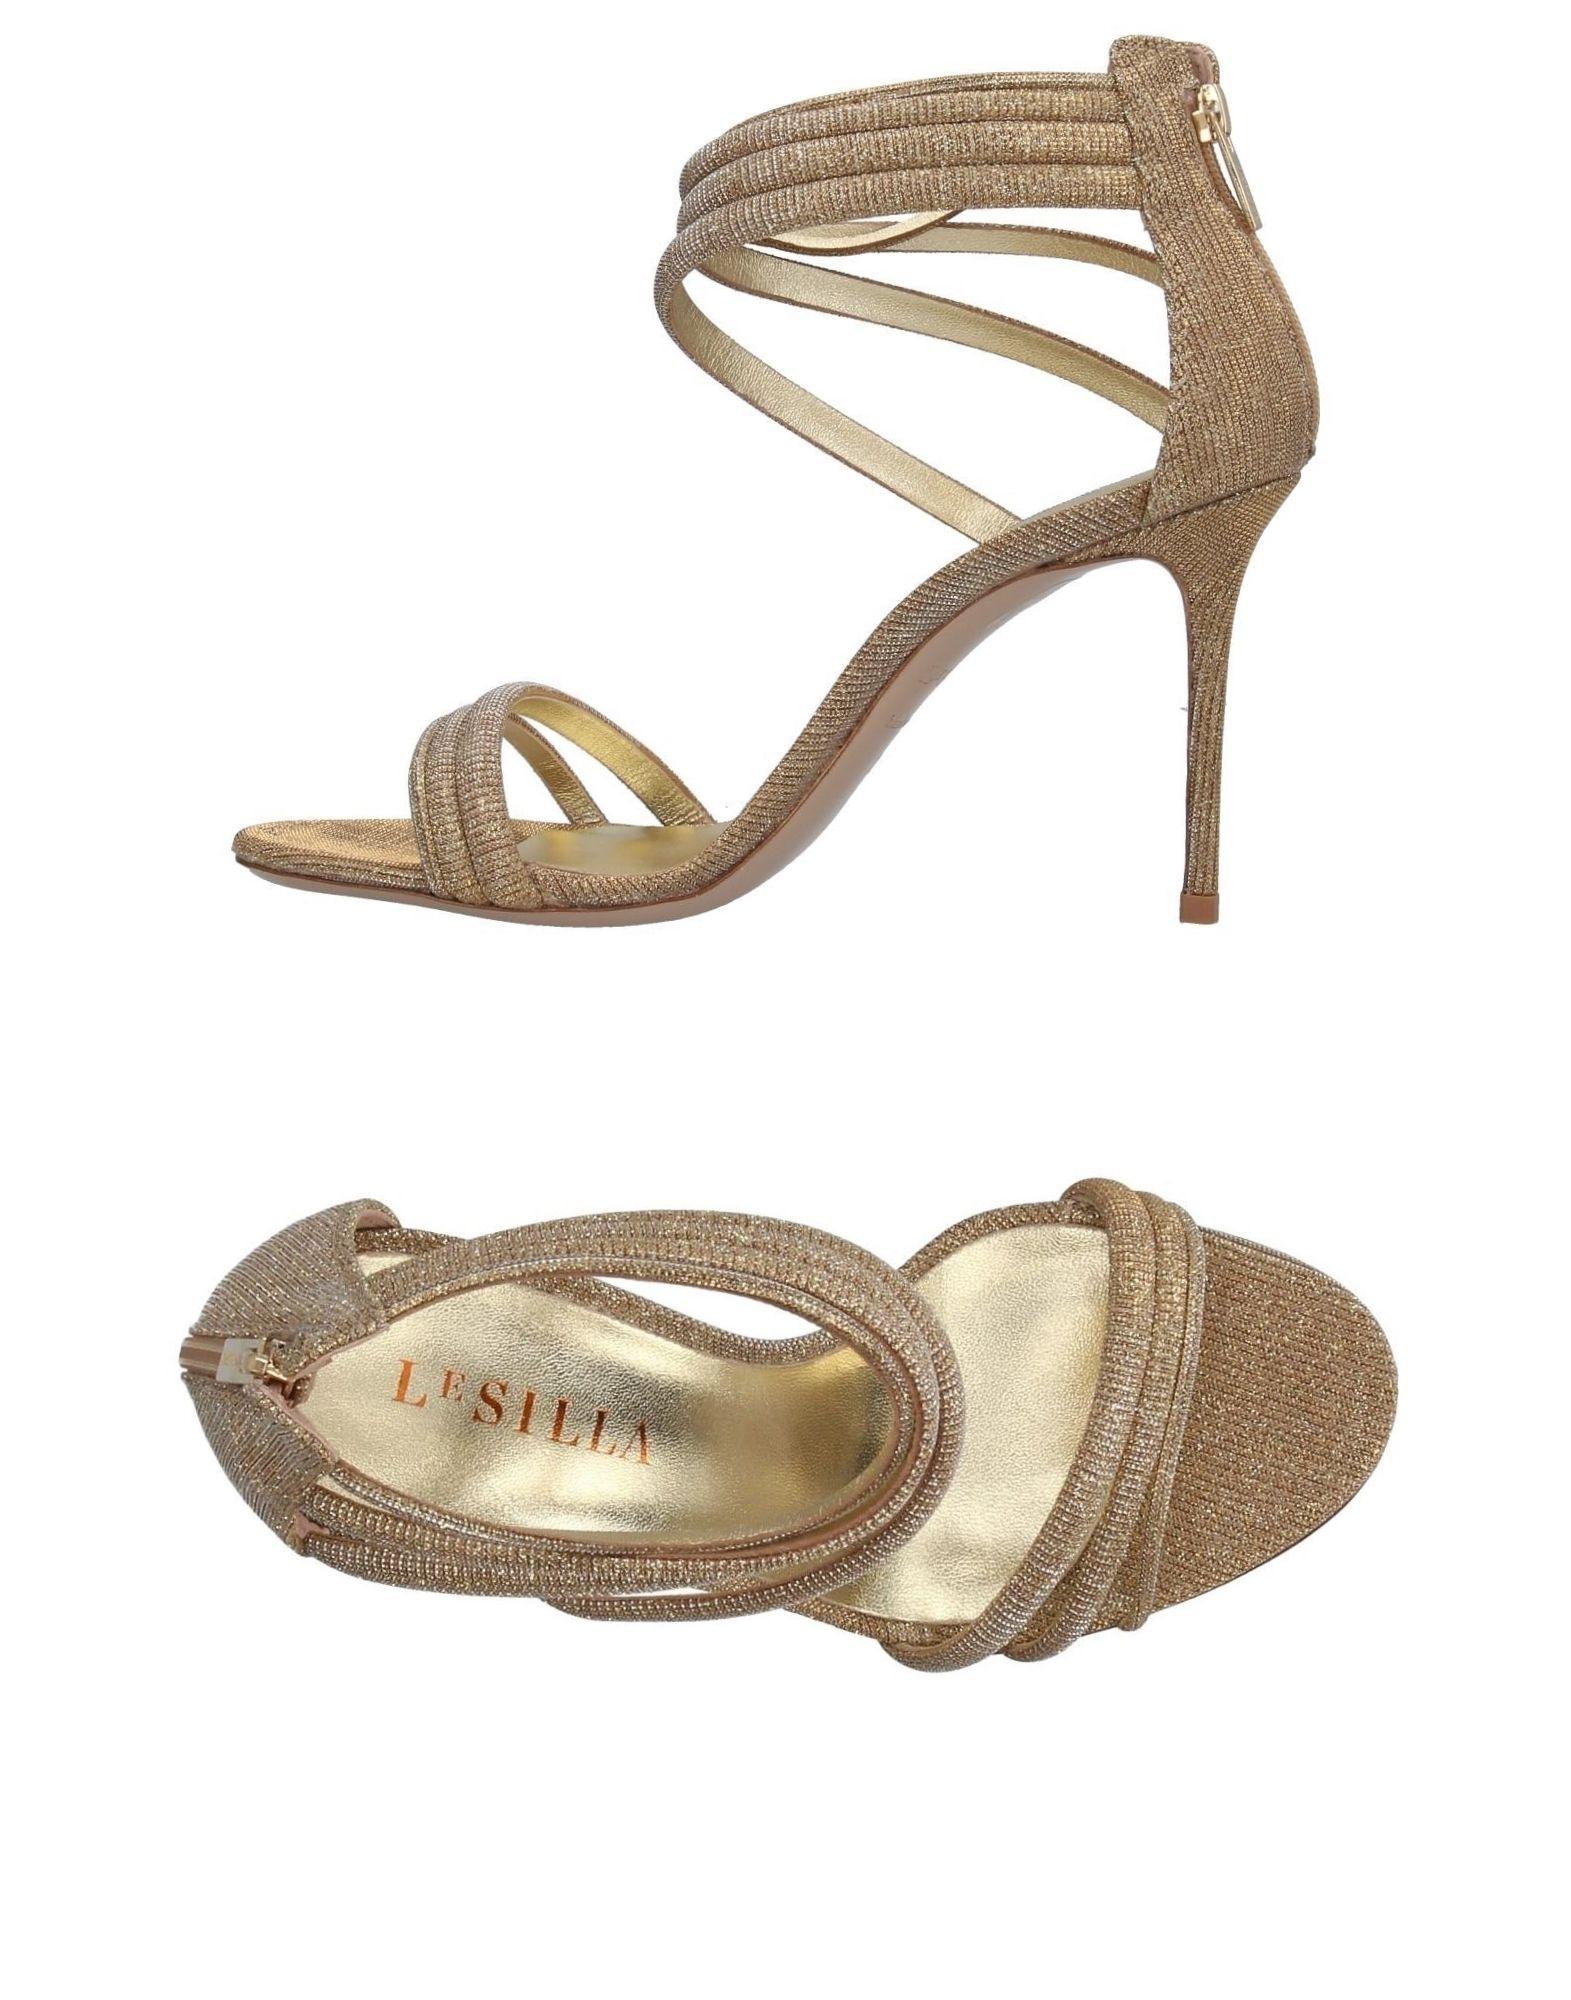 Le Silla Sandalen Damen  11395210WRGünstige gut aussehende Schuhe